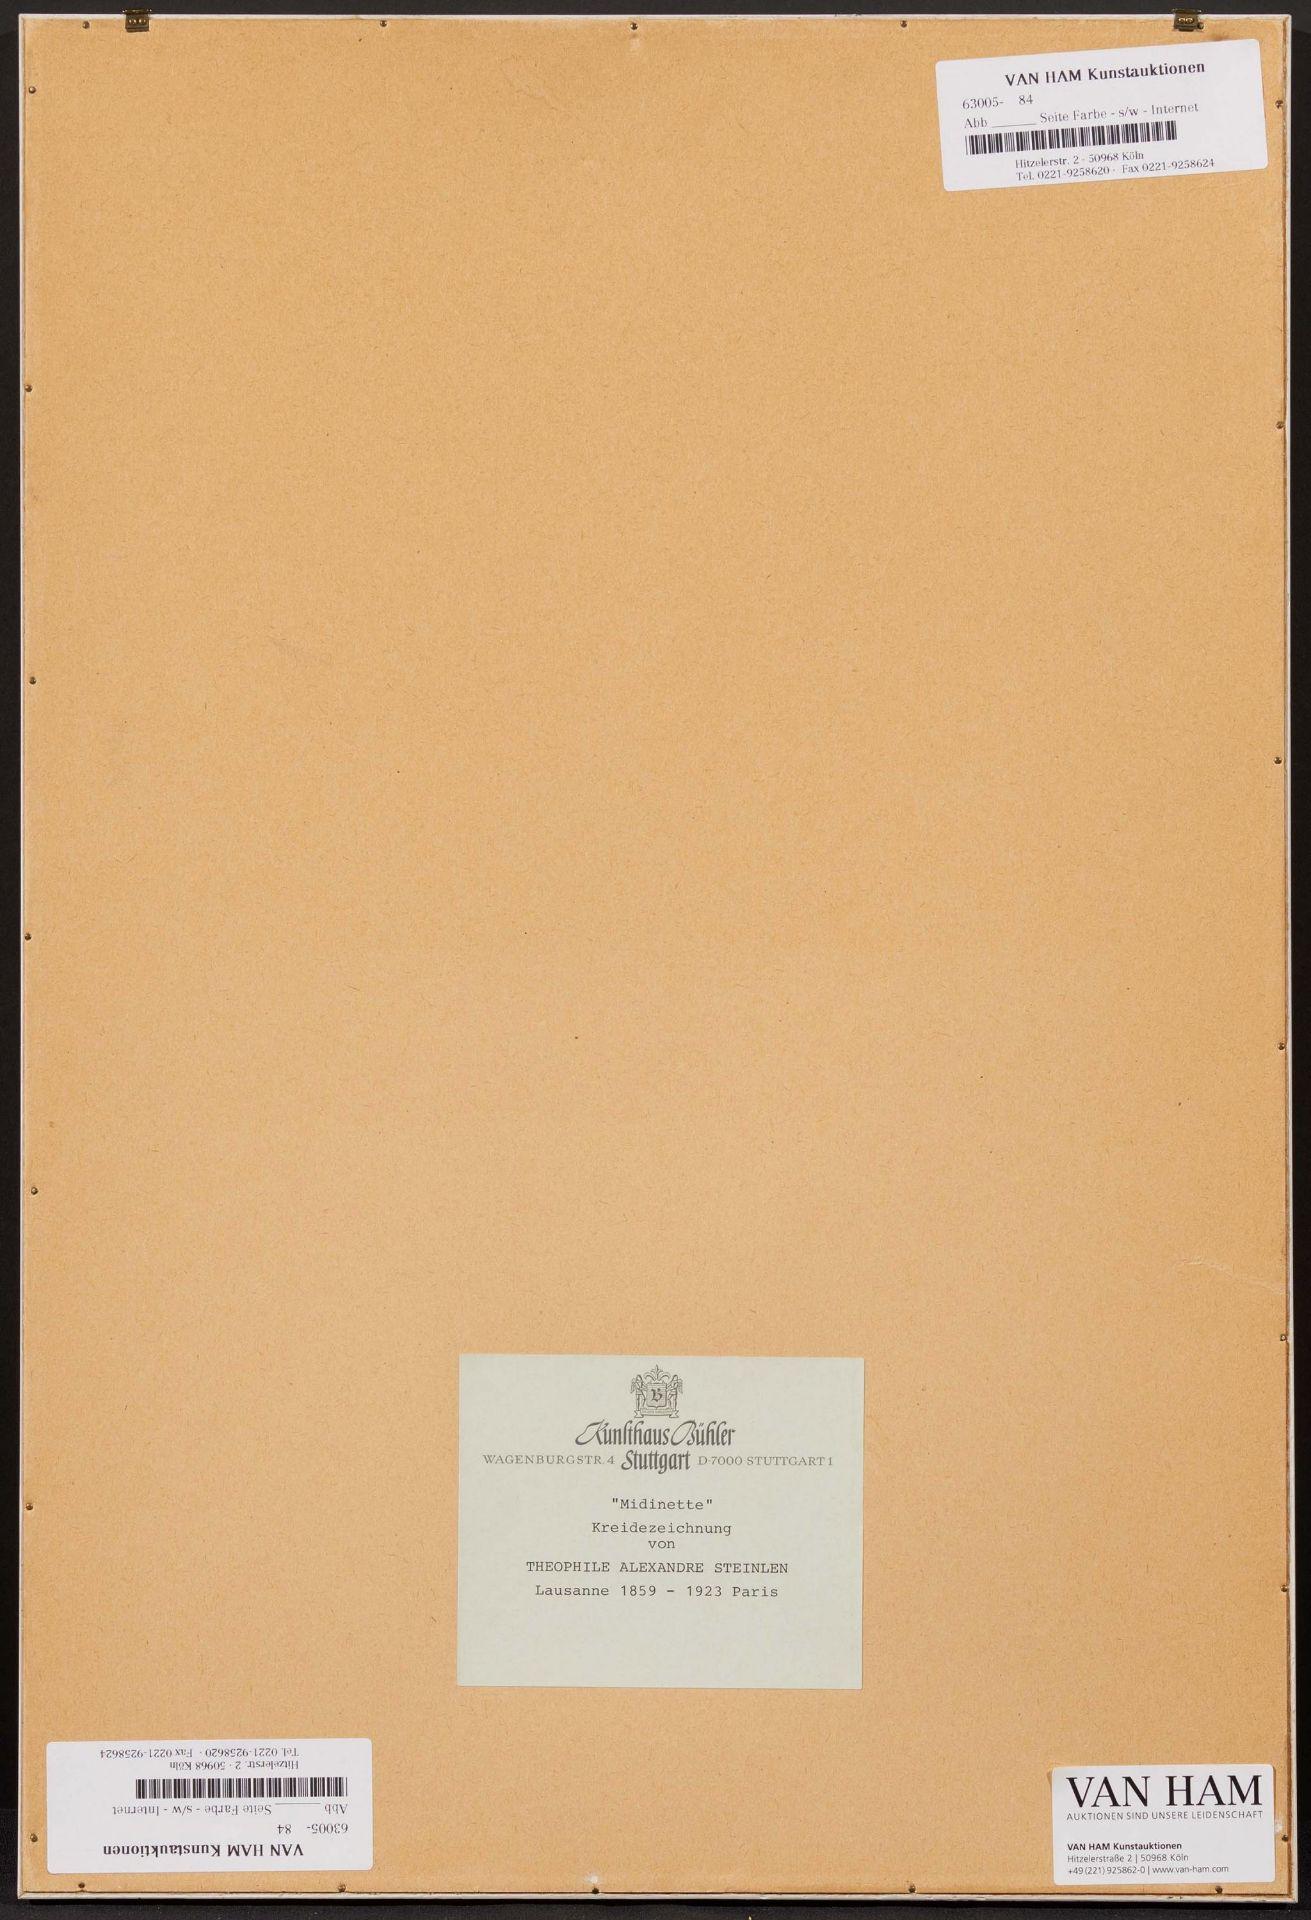 Steinlen, Théophile-Alexandre. 1859 Lausanne - 1923 Paris. Midinette. Lesendes junges Mädchen. - Bild 3 aus 4